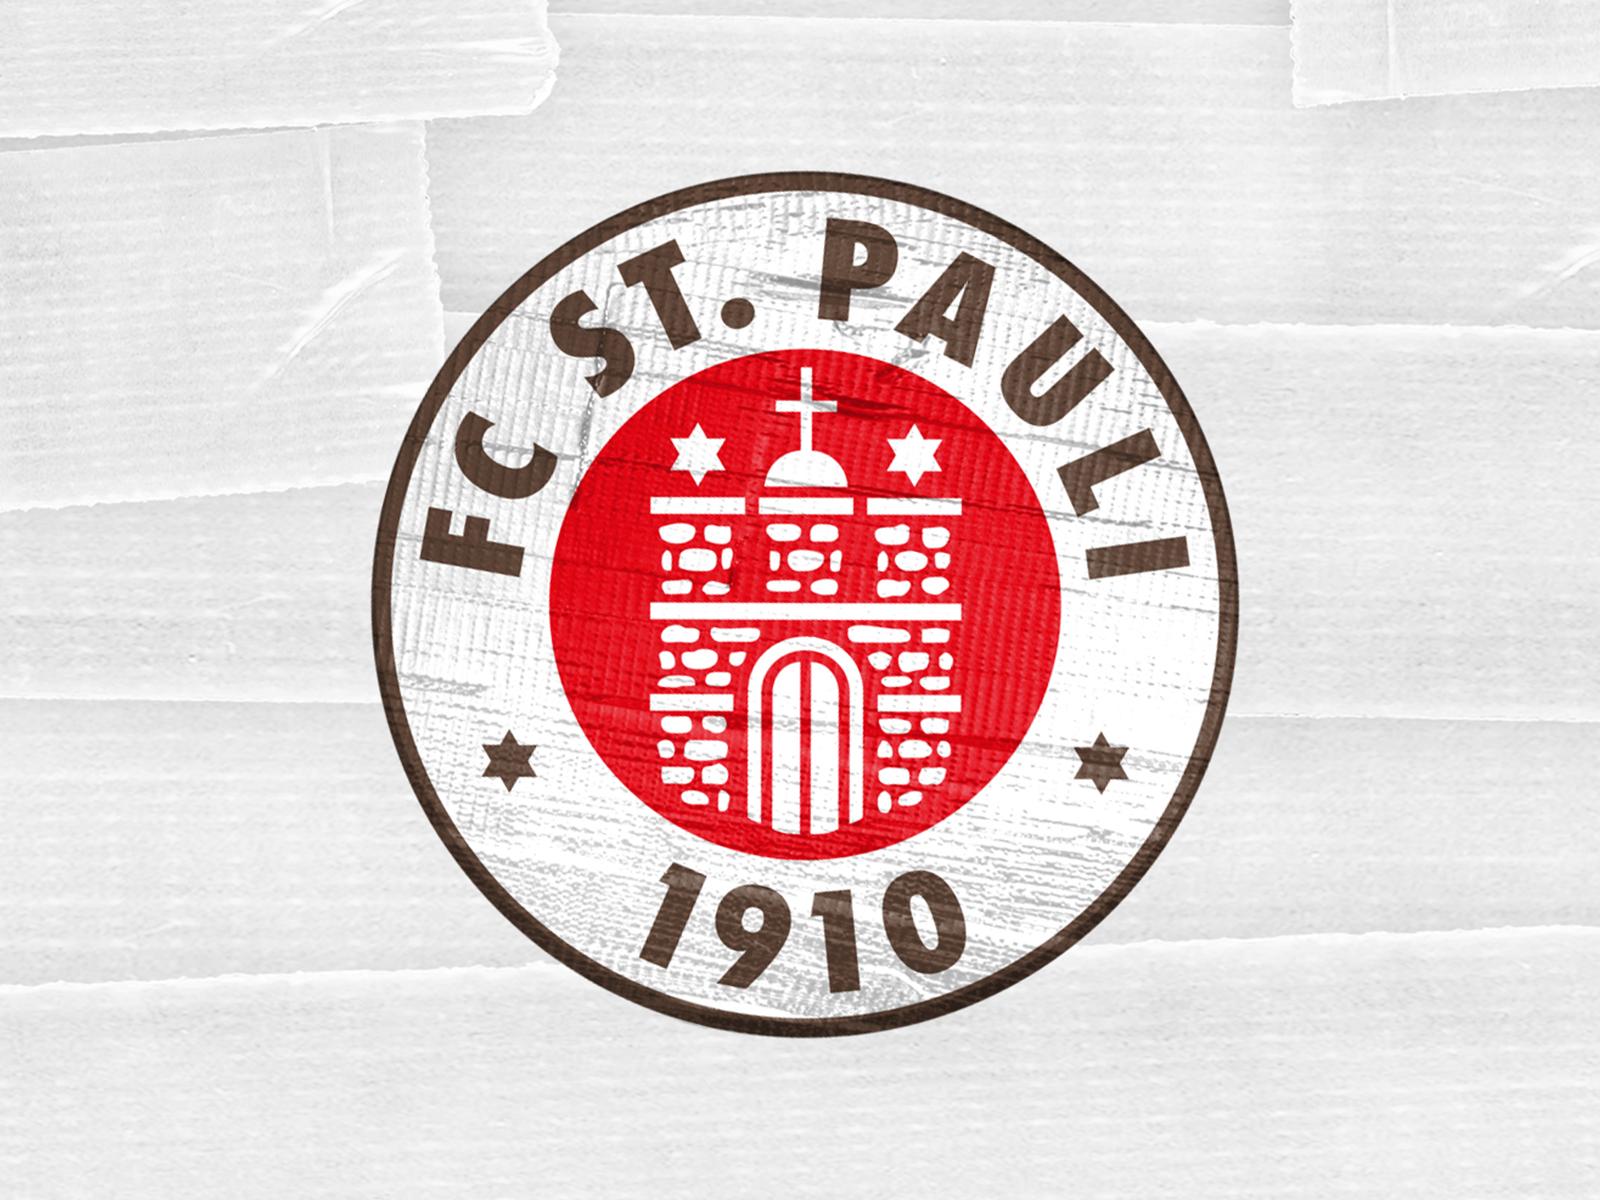 Der FC St. Pauli hat Strafanzeige gegen polizeiliche Einsatzleitung in Bielefeld gestellt